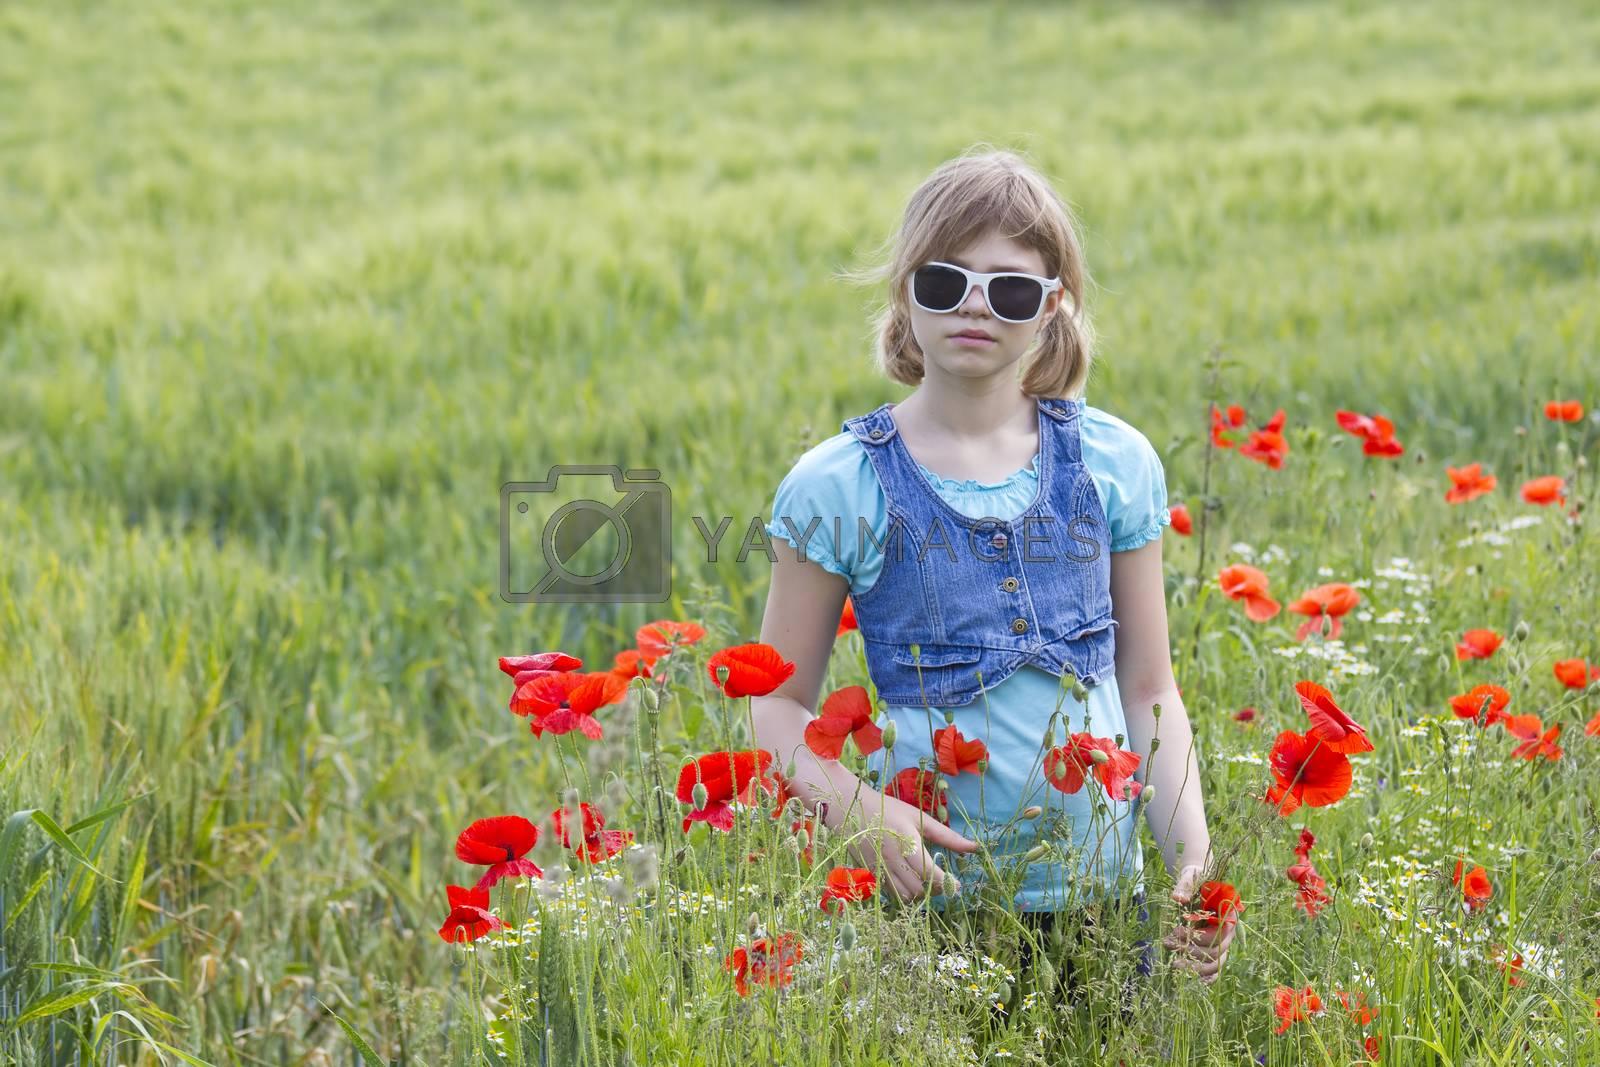 Cute young girl in poppy field